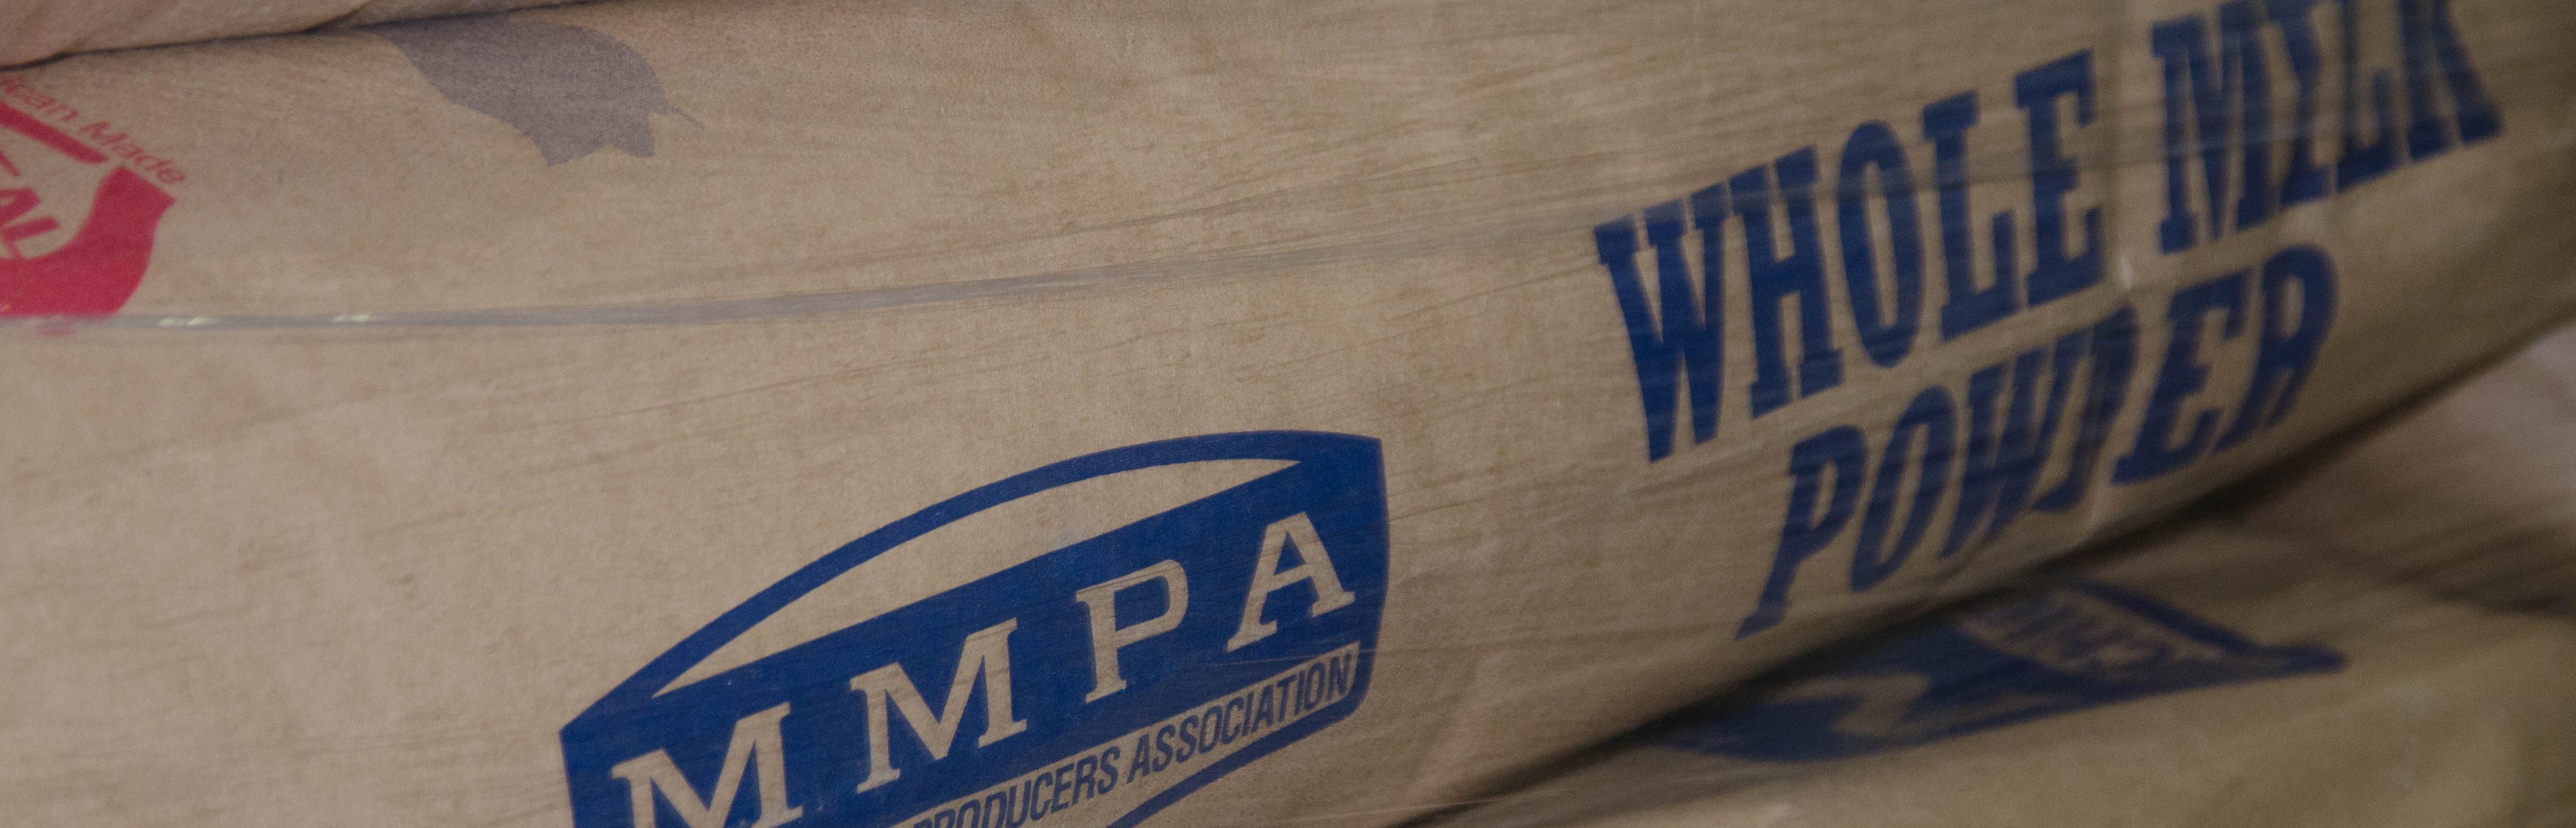 MMPA bag of milk powder